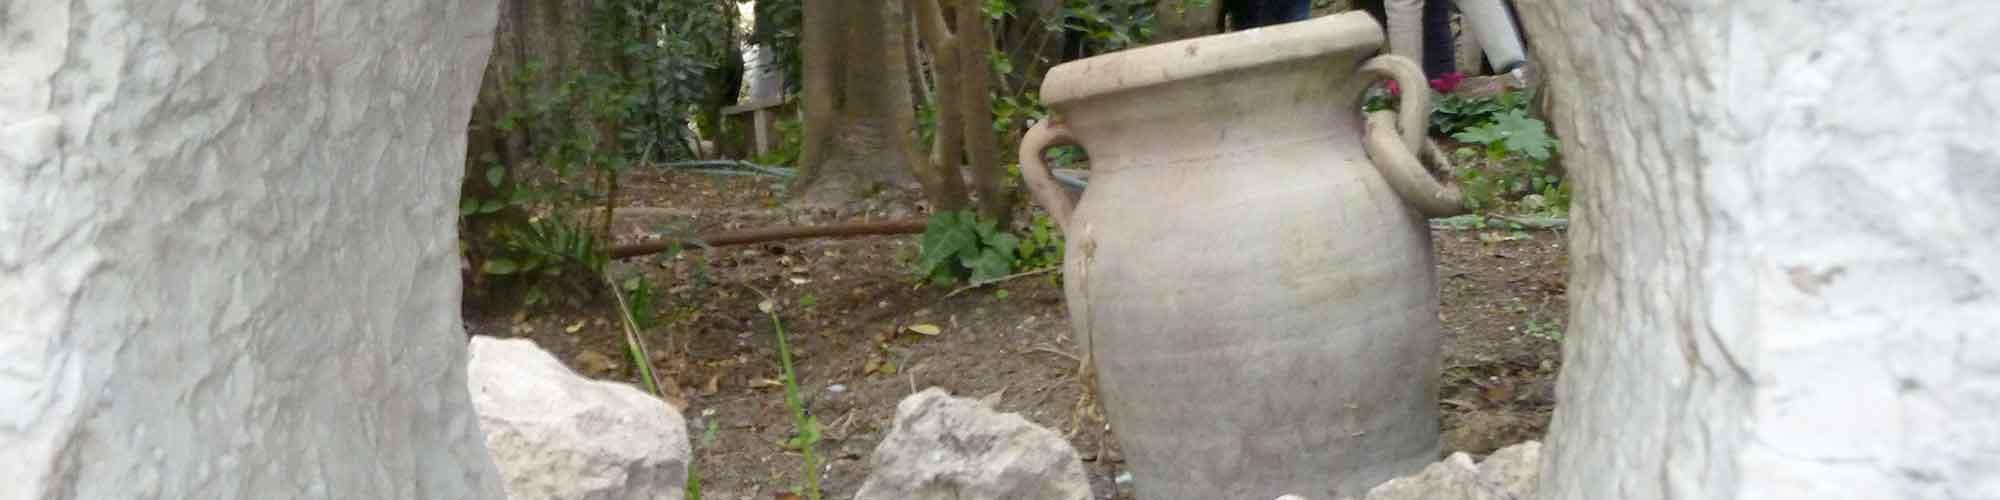 Pot Through Hole